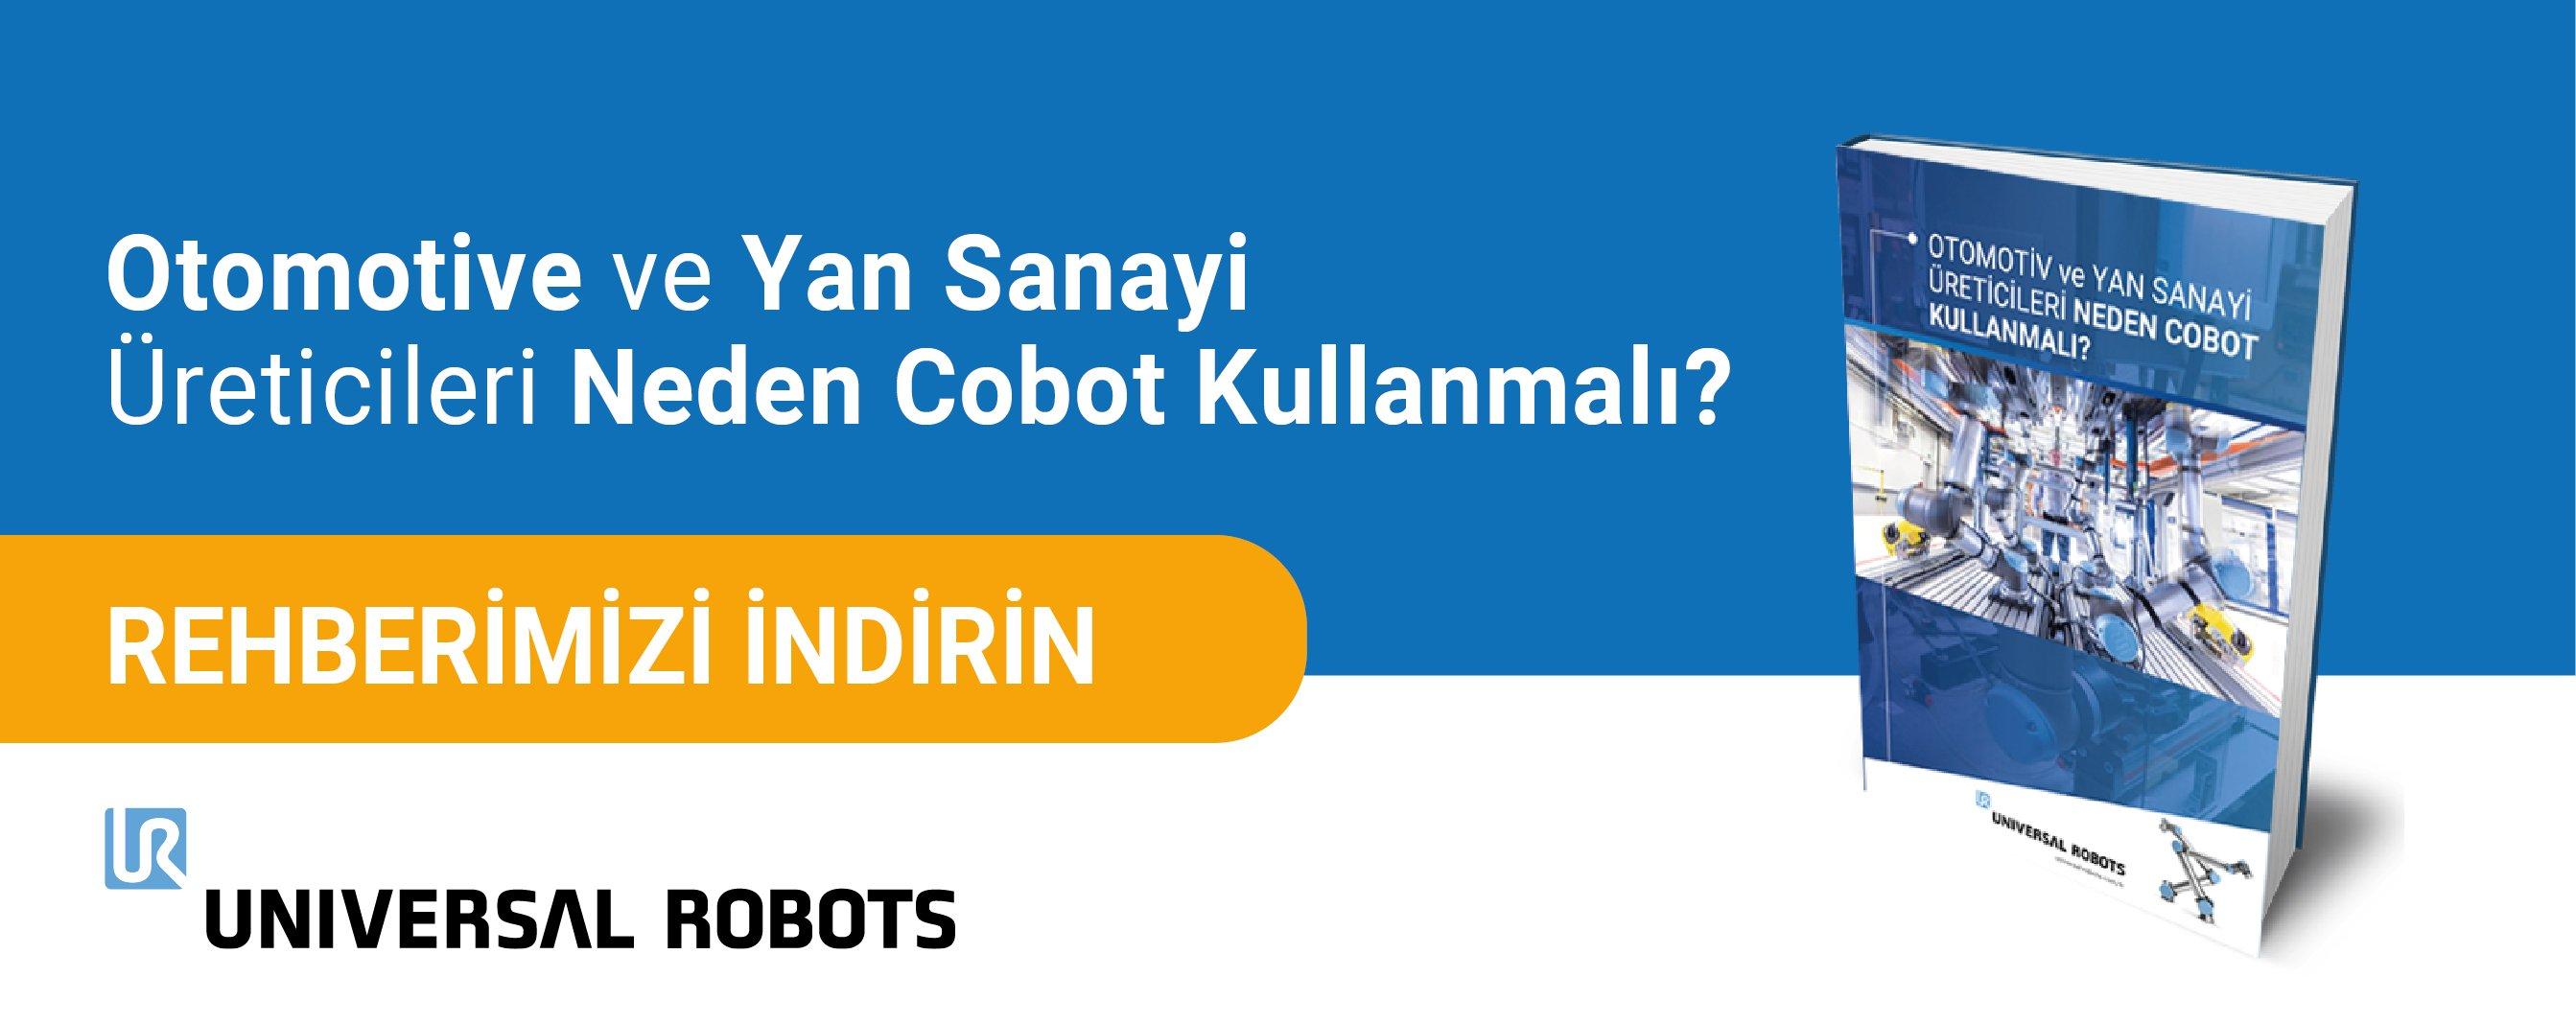 Otomotiv ve Yan Sanayi Üreticileri Neden Cobot Kullanmalı?